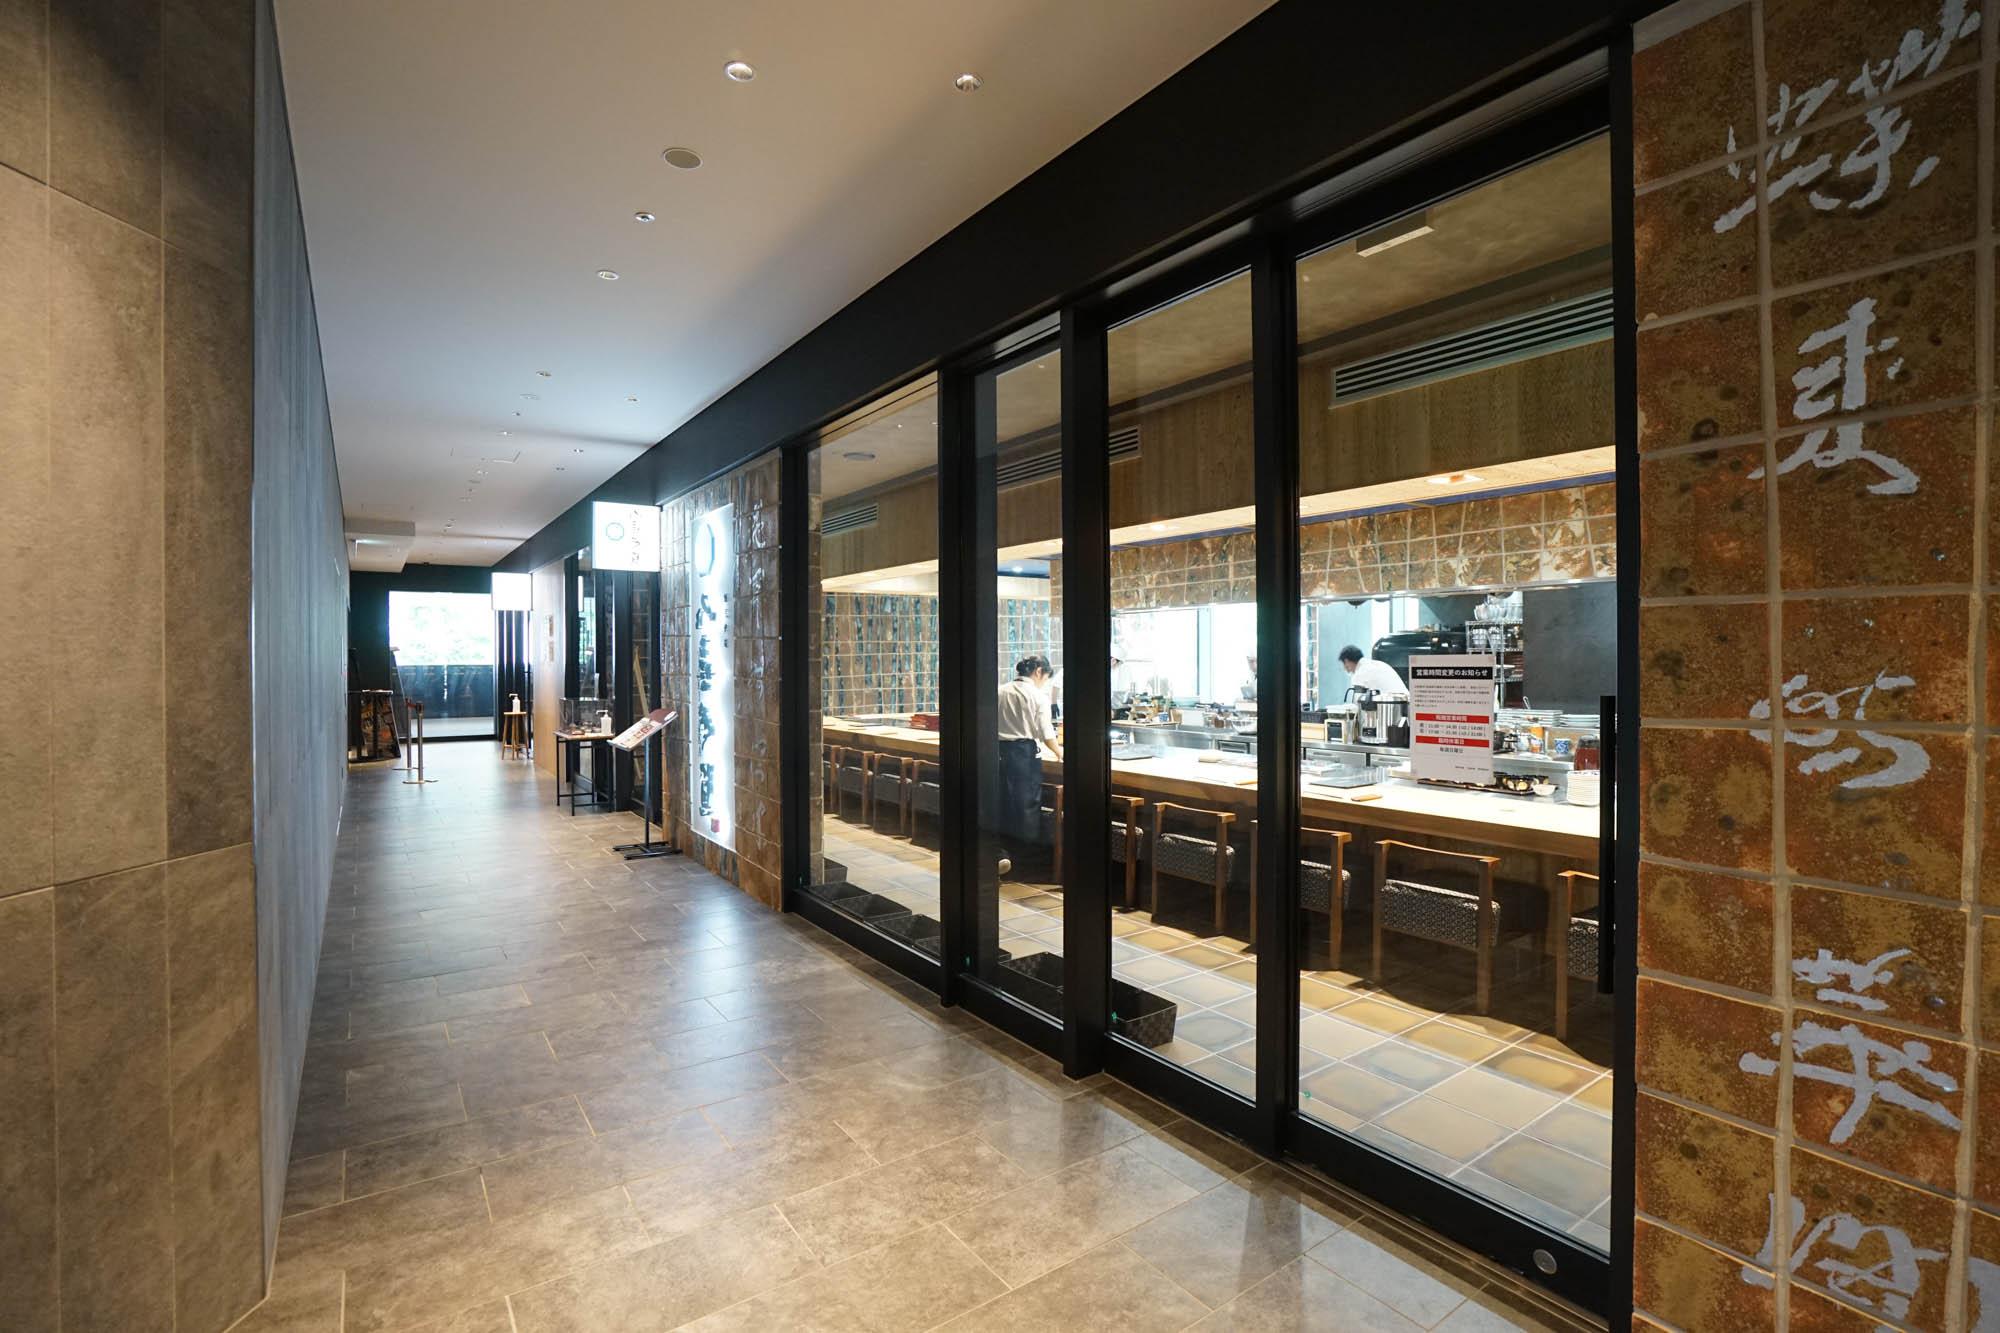 2階には複数の店舗が集まるレストランフロアがあります。